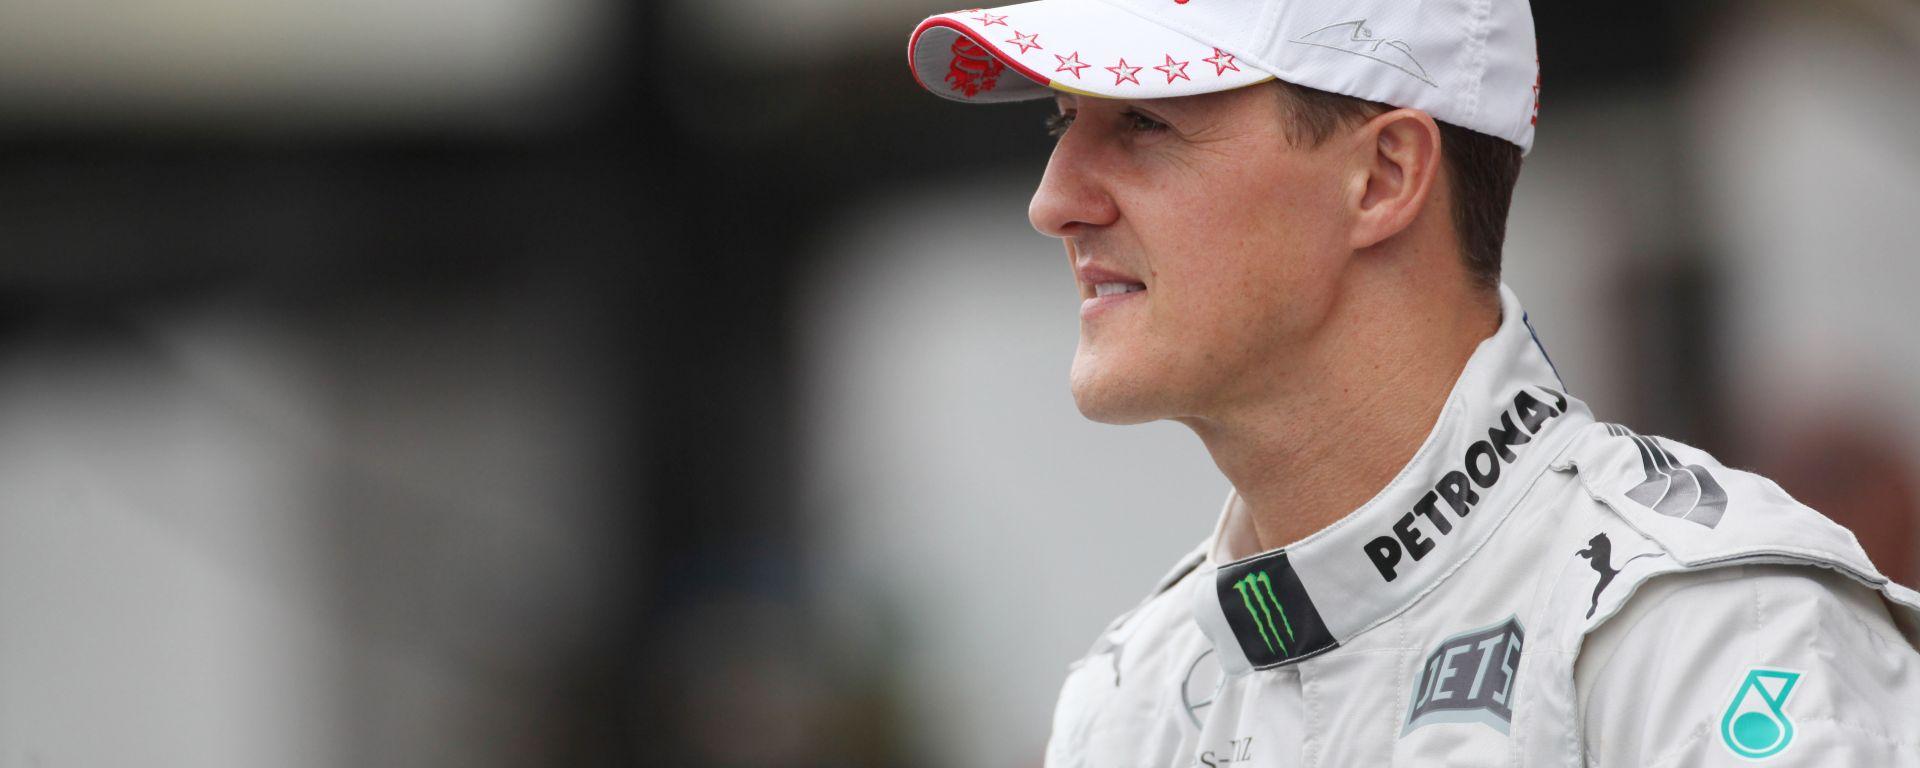 F1, Michael Schumacher alla festa di addio alla Mercedes nel 2013